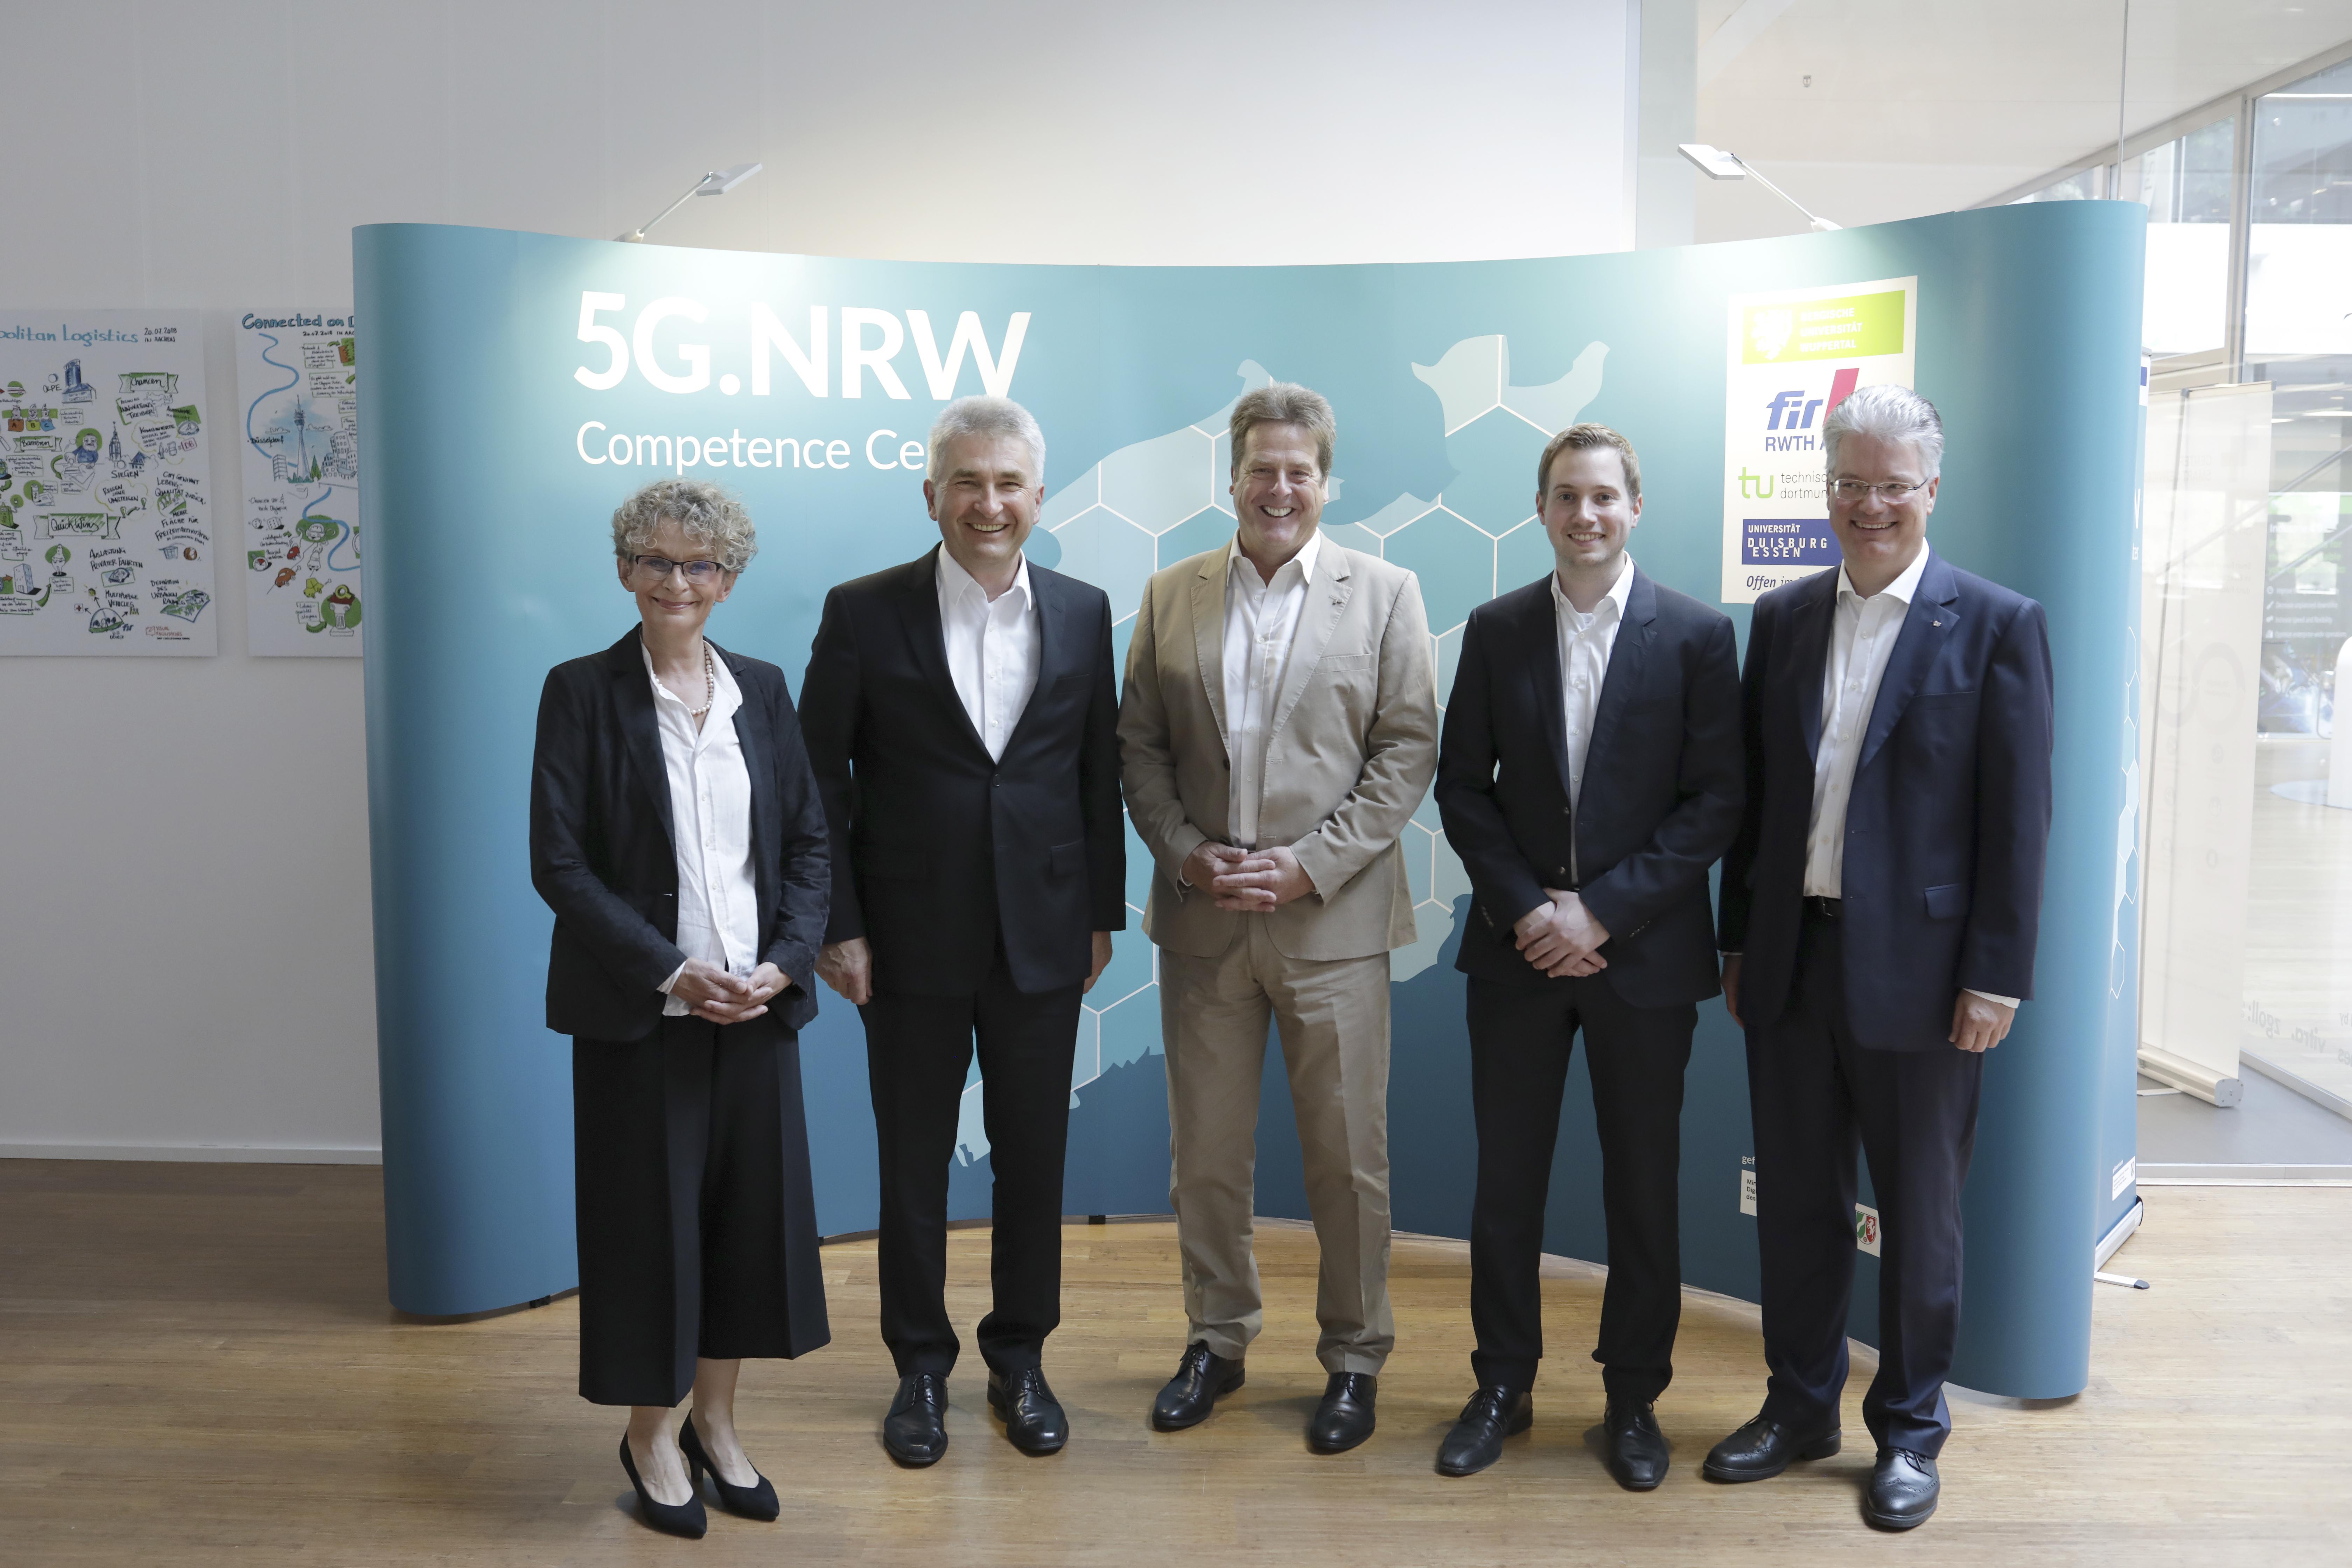 5G.NRW-Besuch-Prof.Pinkwart